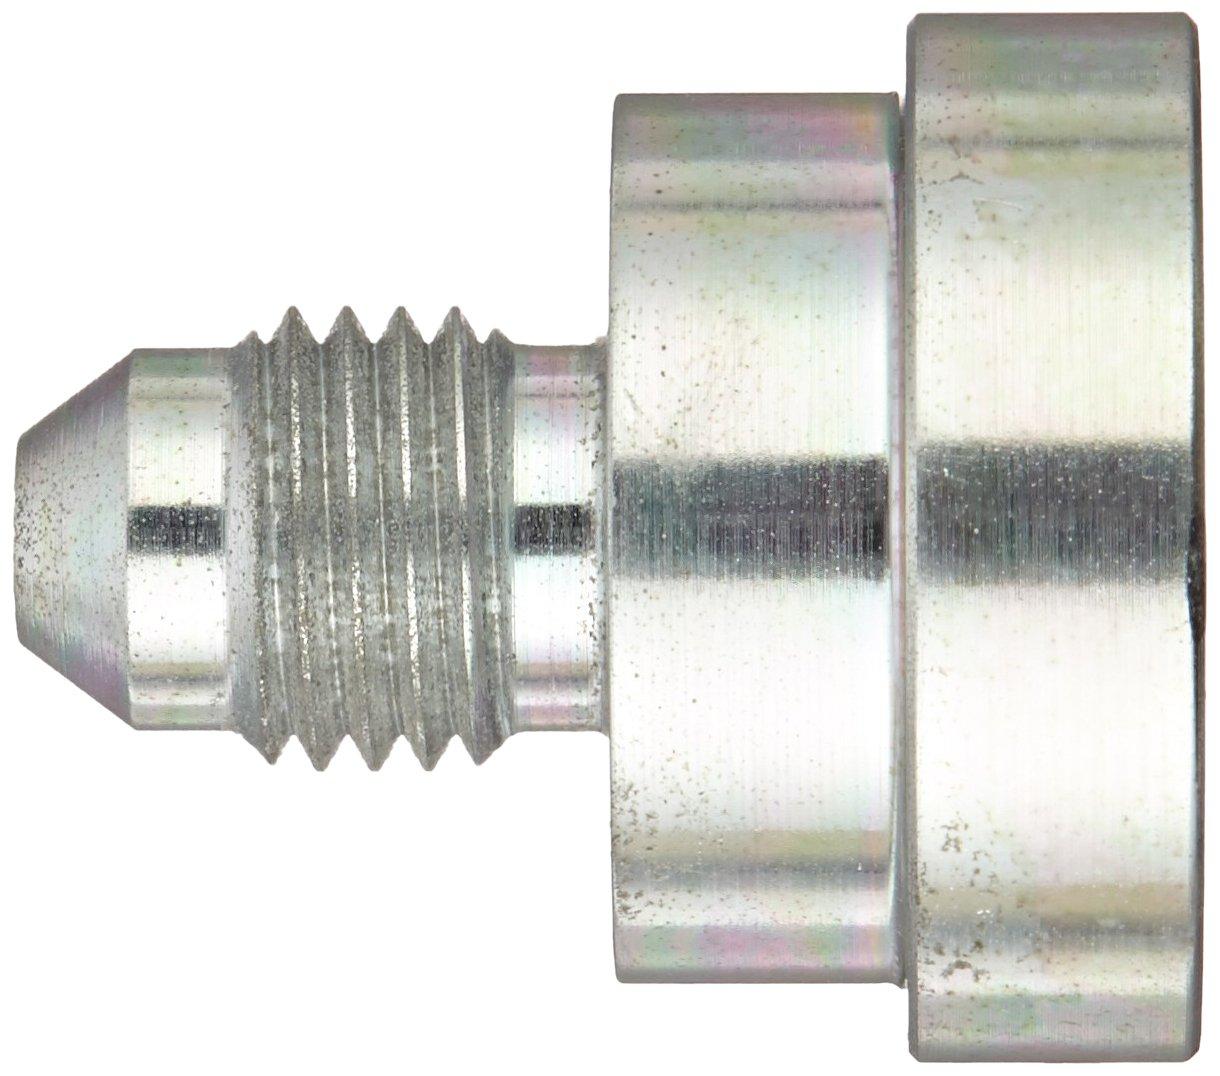 JIC Flare-Twin Fitting Eaton Weatherhead C5015X12X4 Carbon Steel SAE 37 Degree Adapter 1//4 JIC Male x 3//4 JIC Female 1//4 JIC Male x 3//4 JIC Female